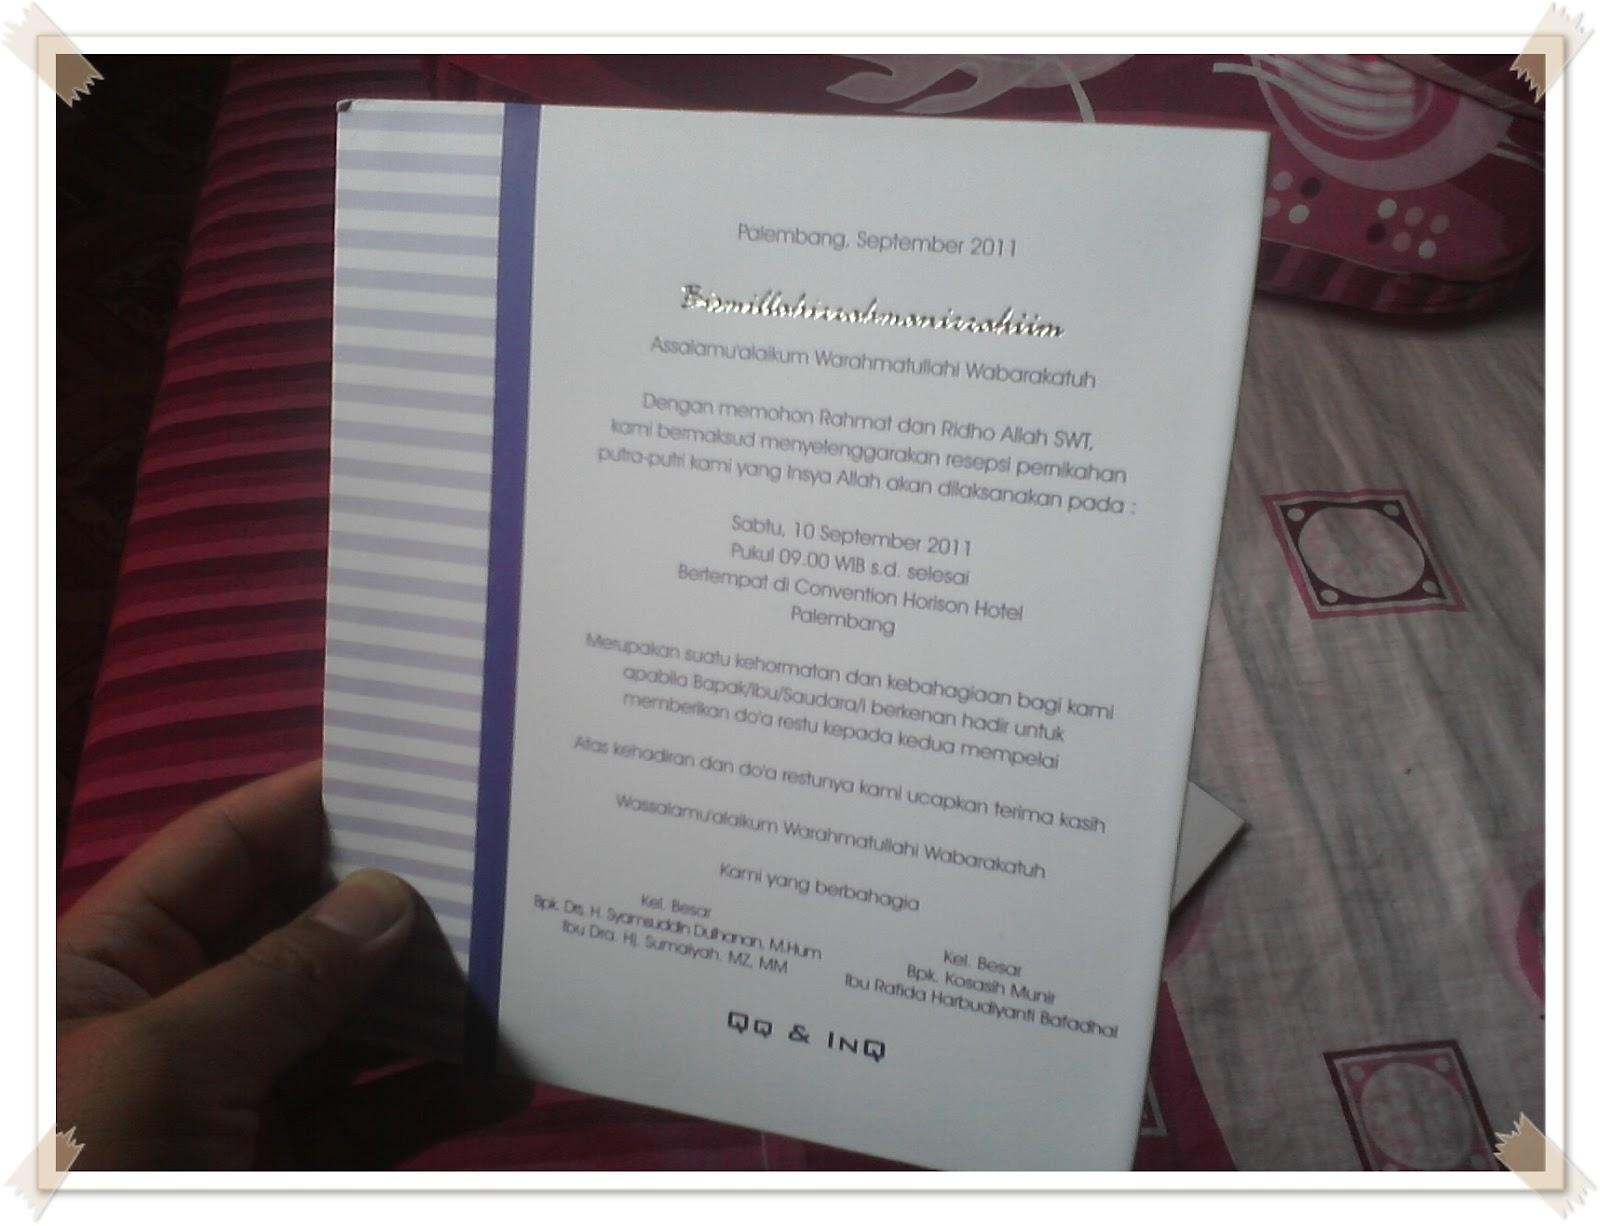 Buat KK desain undangan yang KK buat itu lohh..unyu unyu..